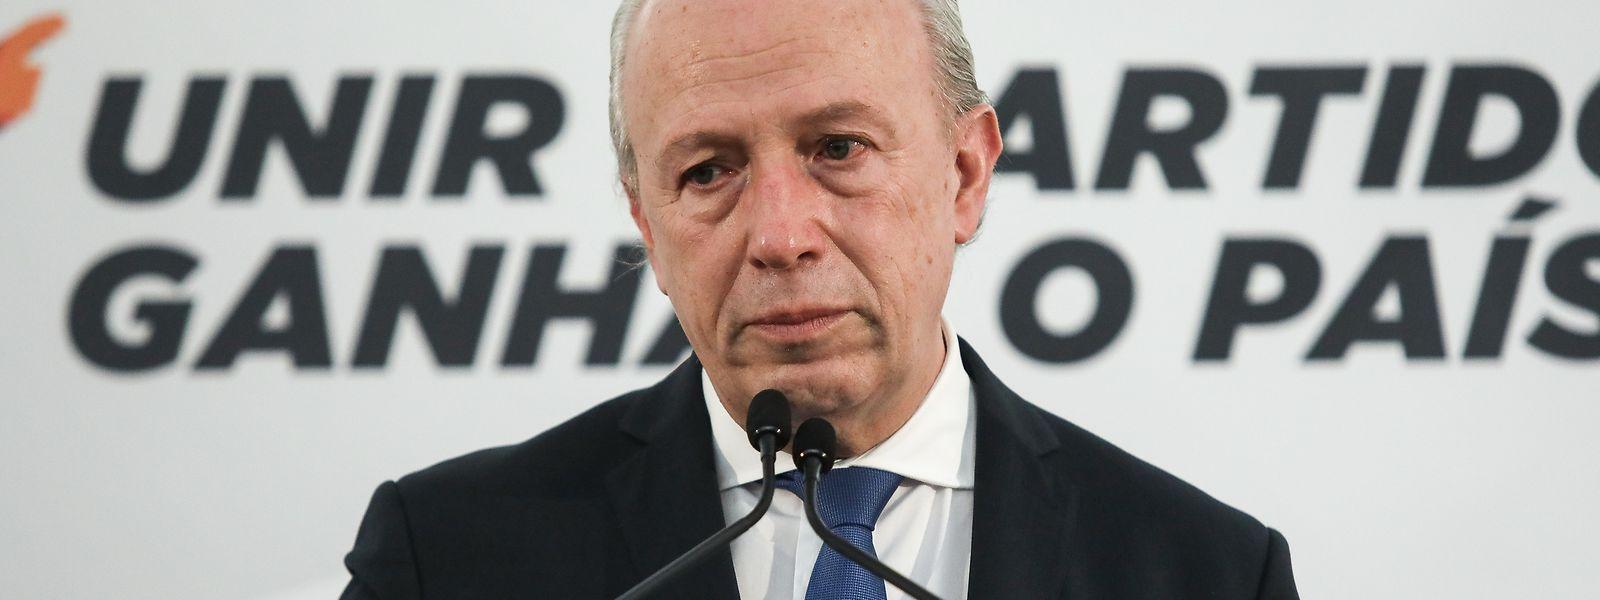 O candidato à liderança do PSD, Pedro Santana Lopes, reagiu após perder as eleições para a presidência do partido